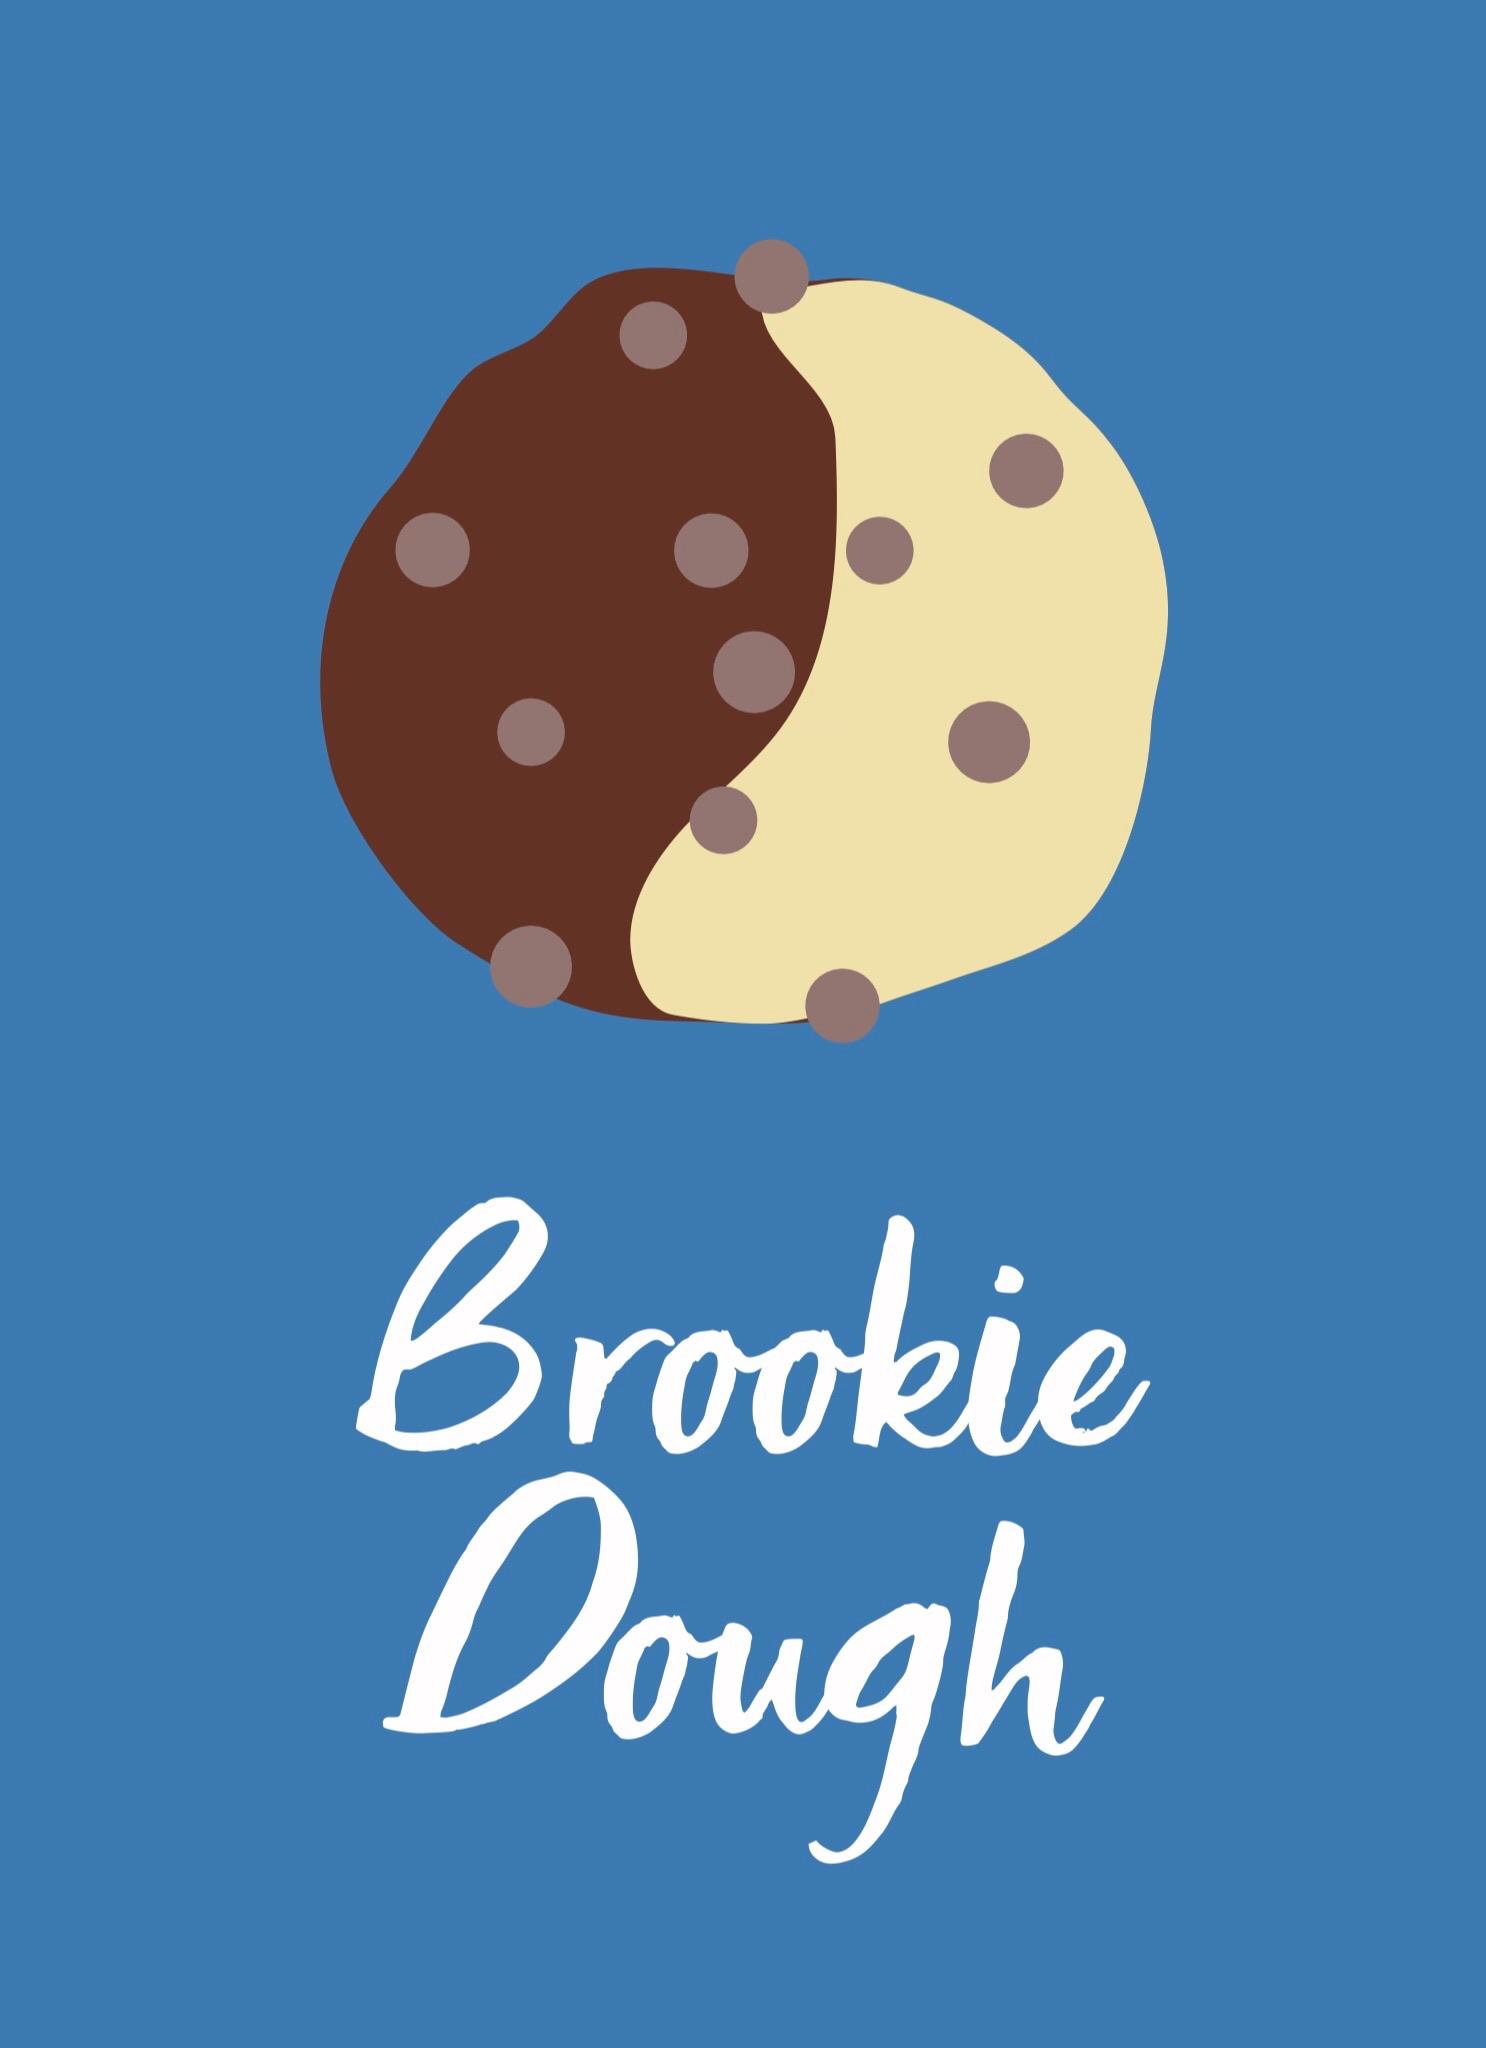 Brookie Dough.jpg